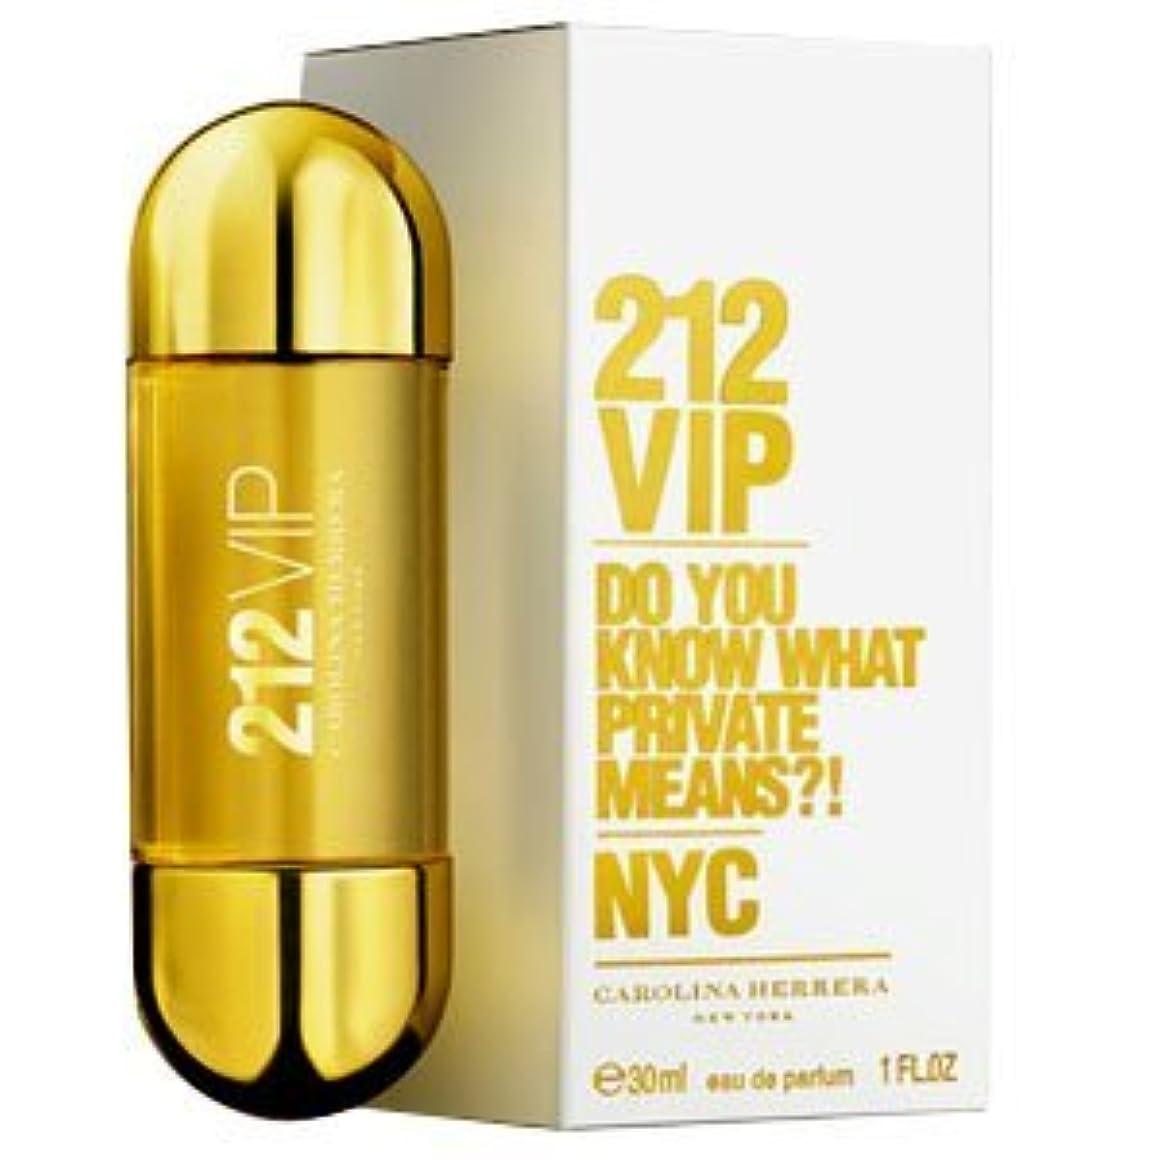 制約残るボスキャロライナ ヘレラ 香水 212VIP EP 30ml SP 【並行輸入品】